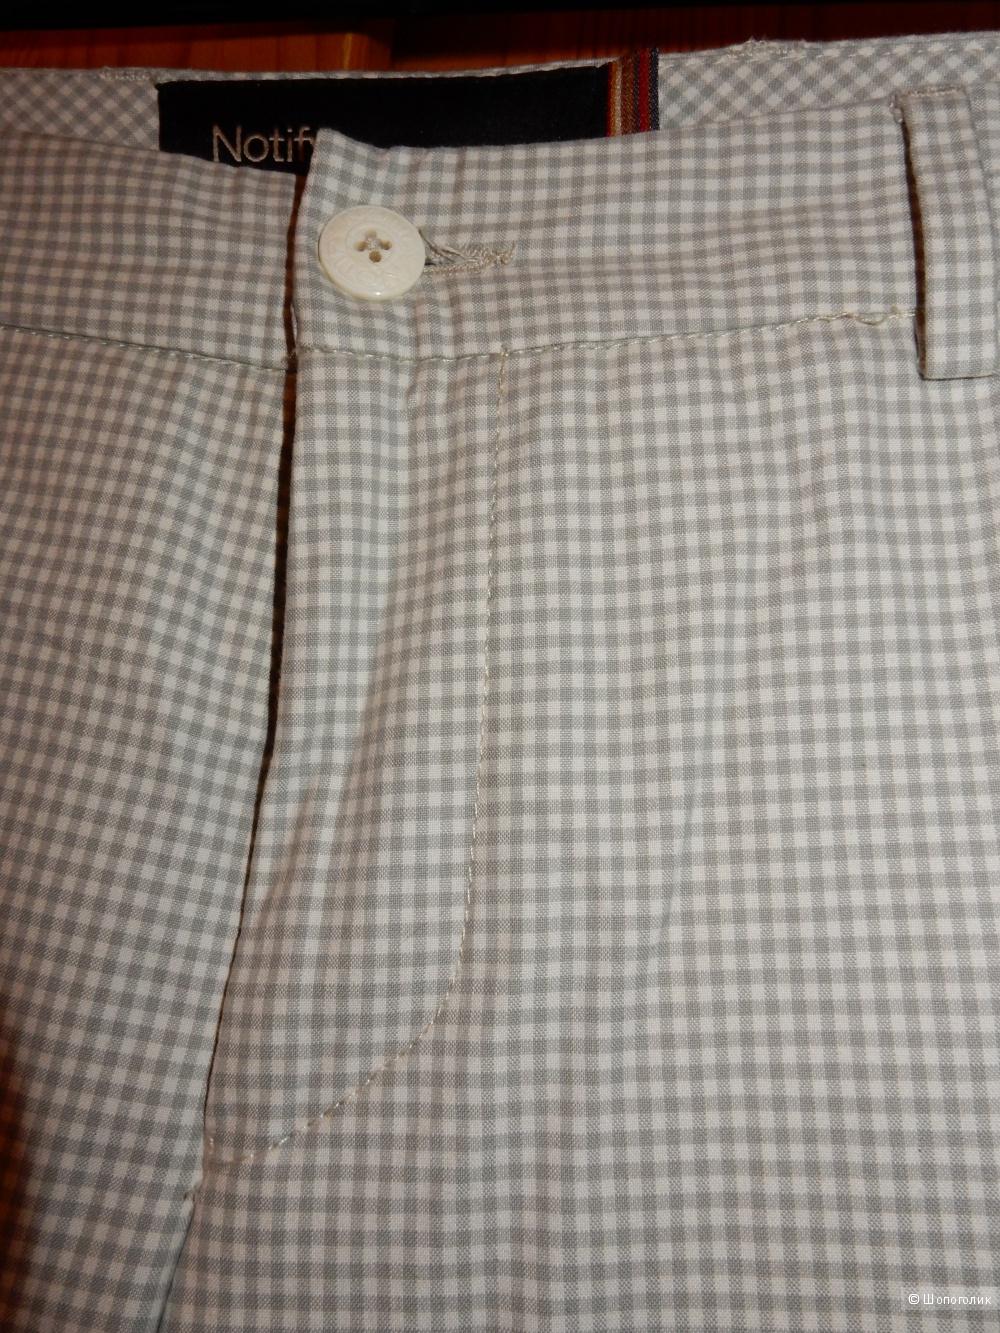 Новые брюки-чиносы в мелкую клетку Notify, размер 30